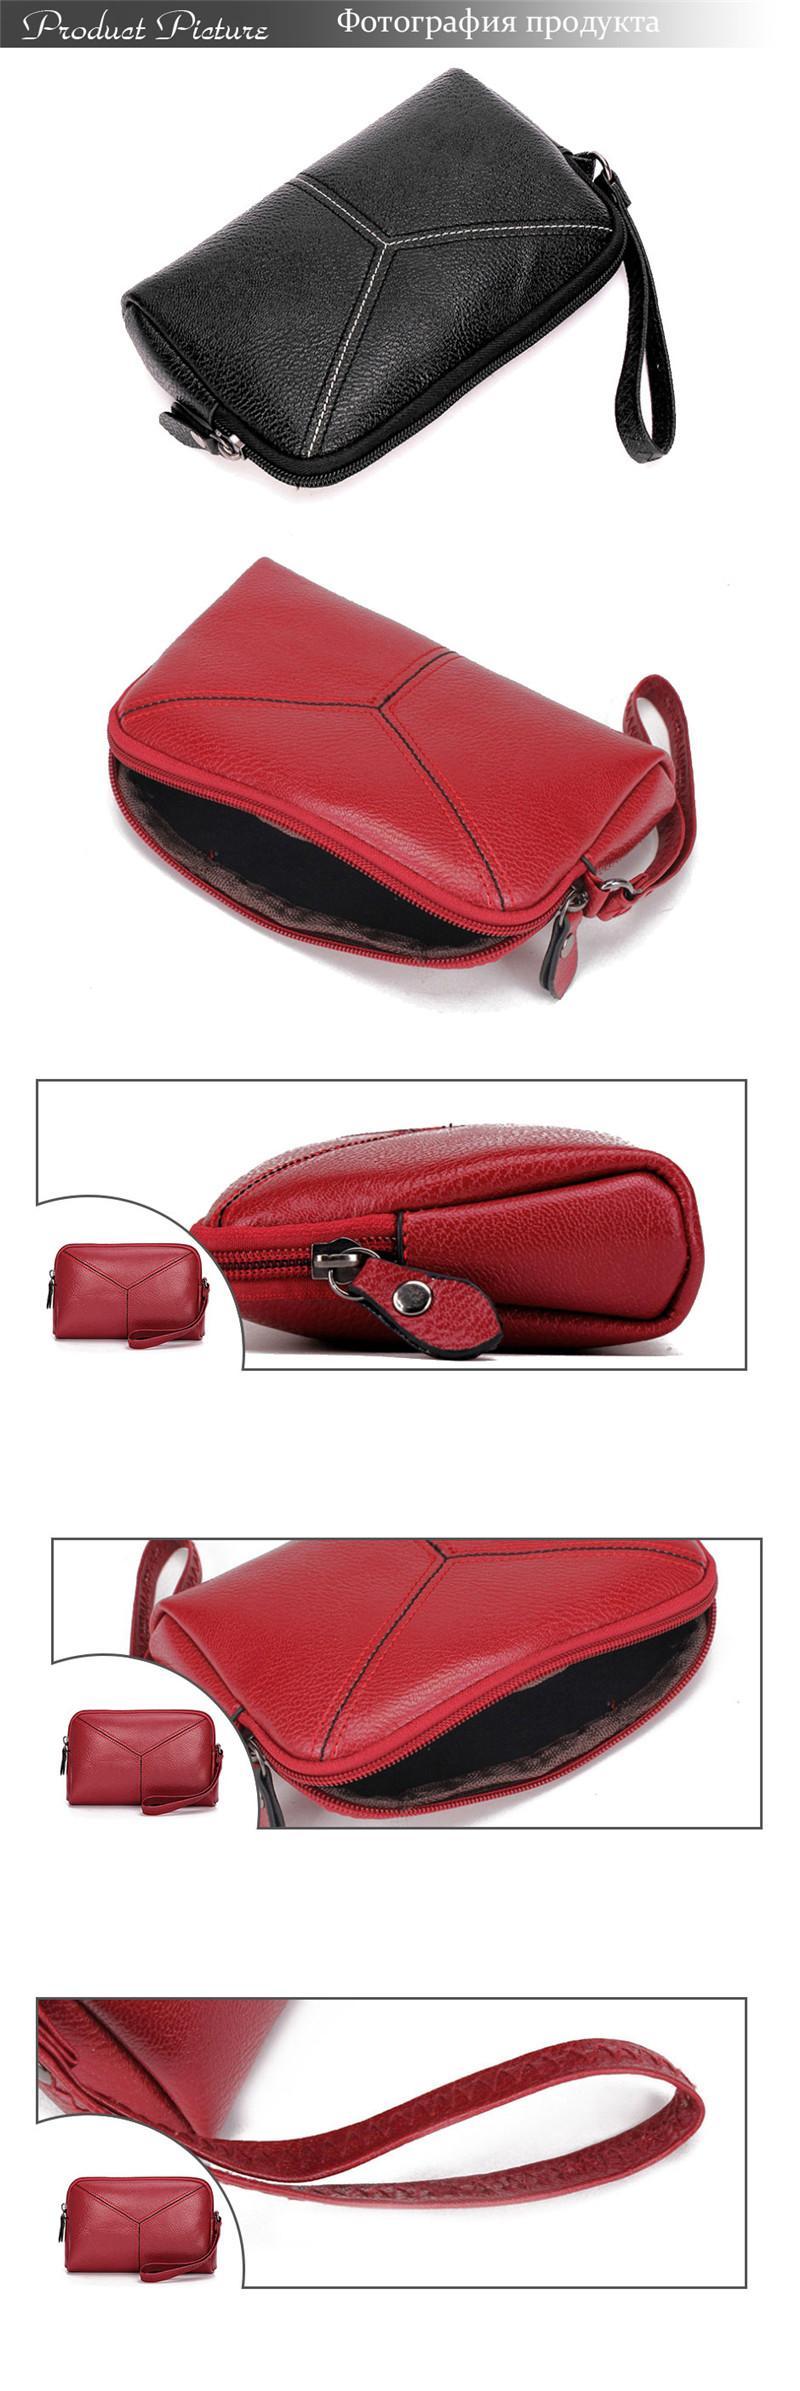 Mode Wasserdichte Handtasche Einfarbig PU Hobo Frauen Geschenk einkaufstasche Hohe Qualität Weibliche Klappe Abendtaschen Geldbörse